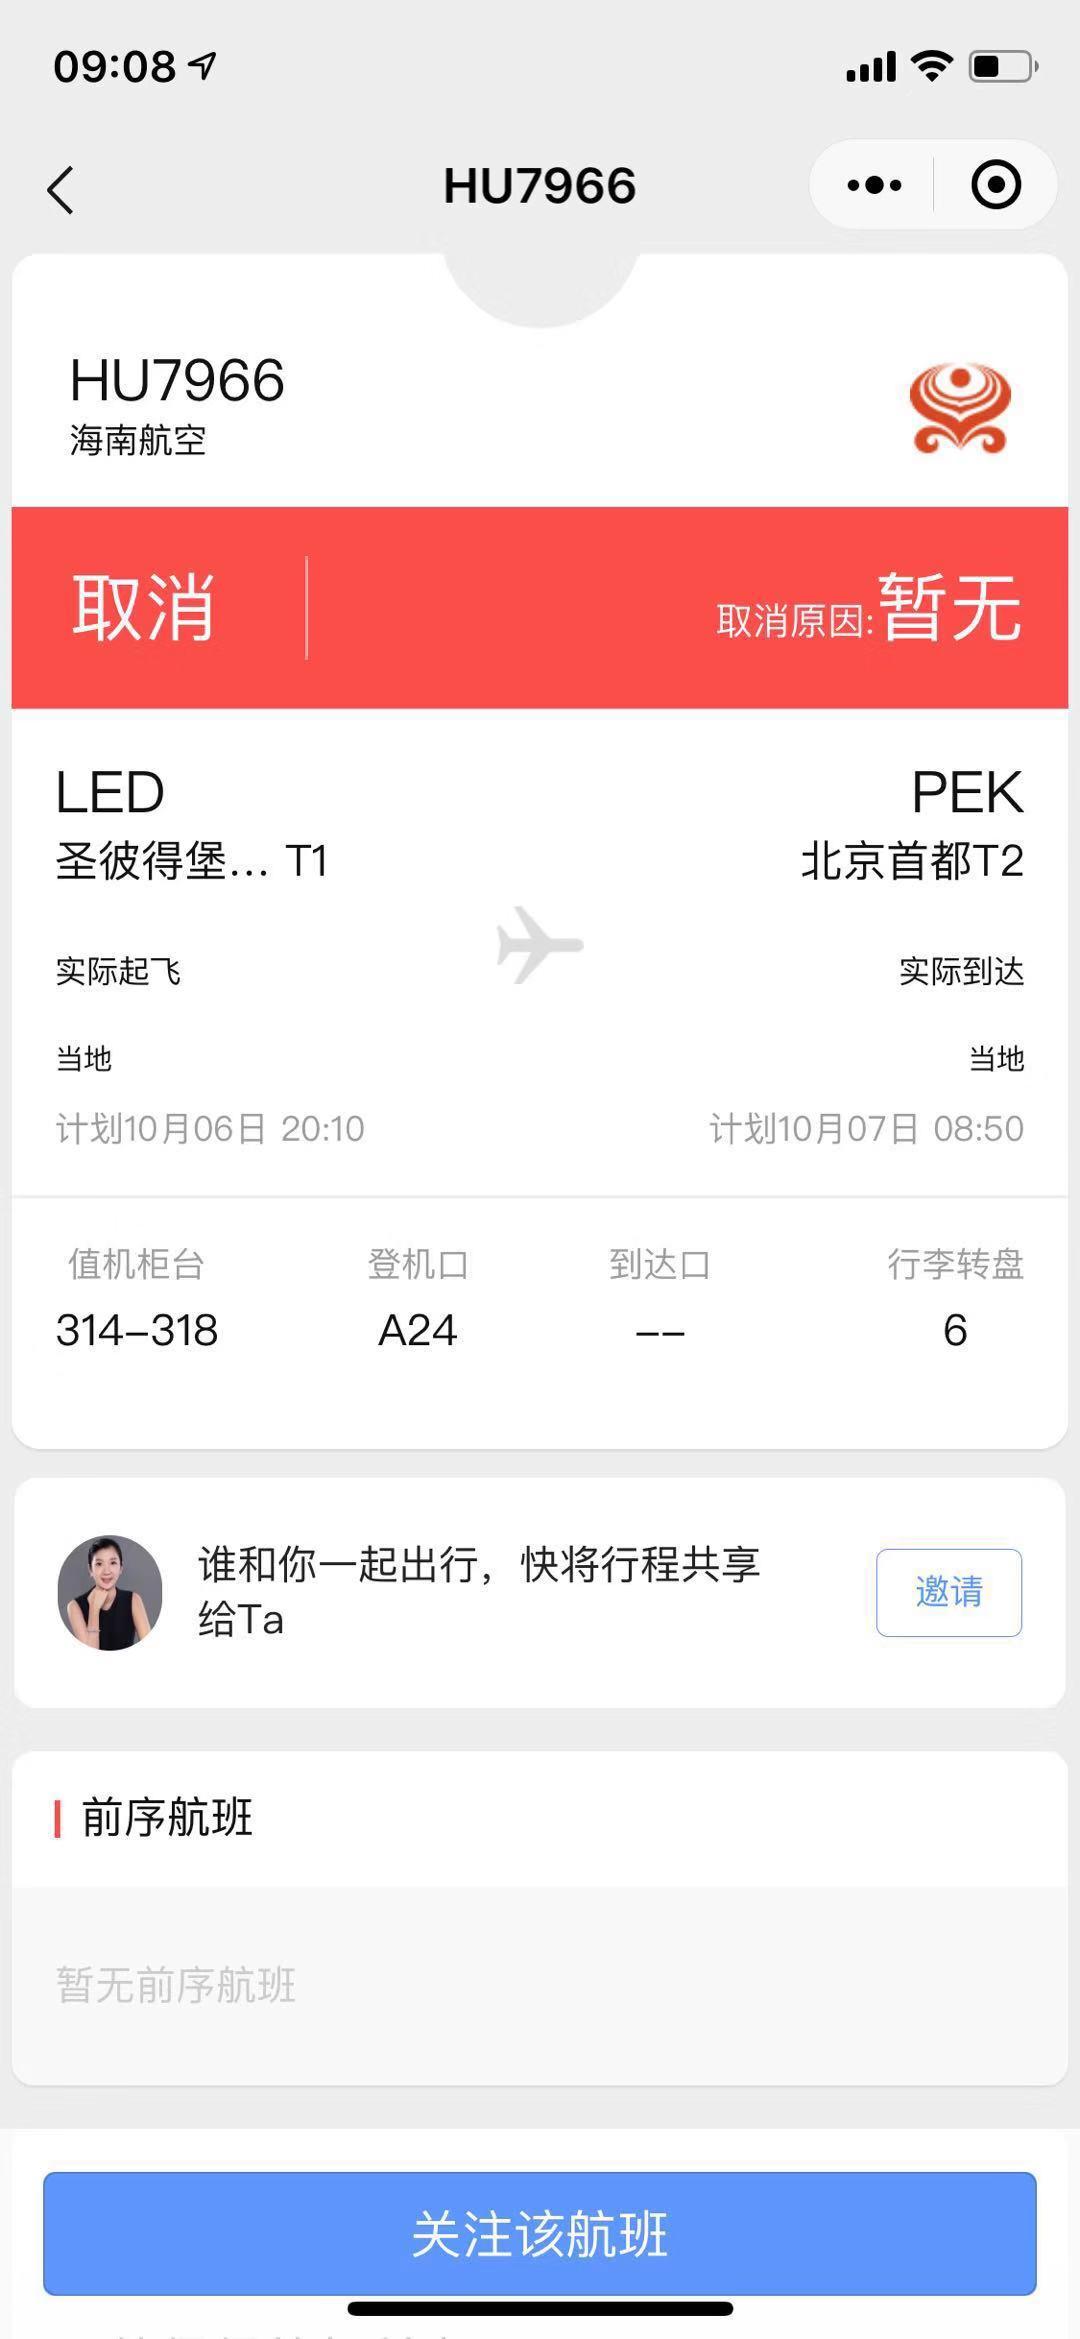 航班信息查詢平臺截圖顯示,該航班已取消。 受訪者供圖